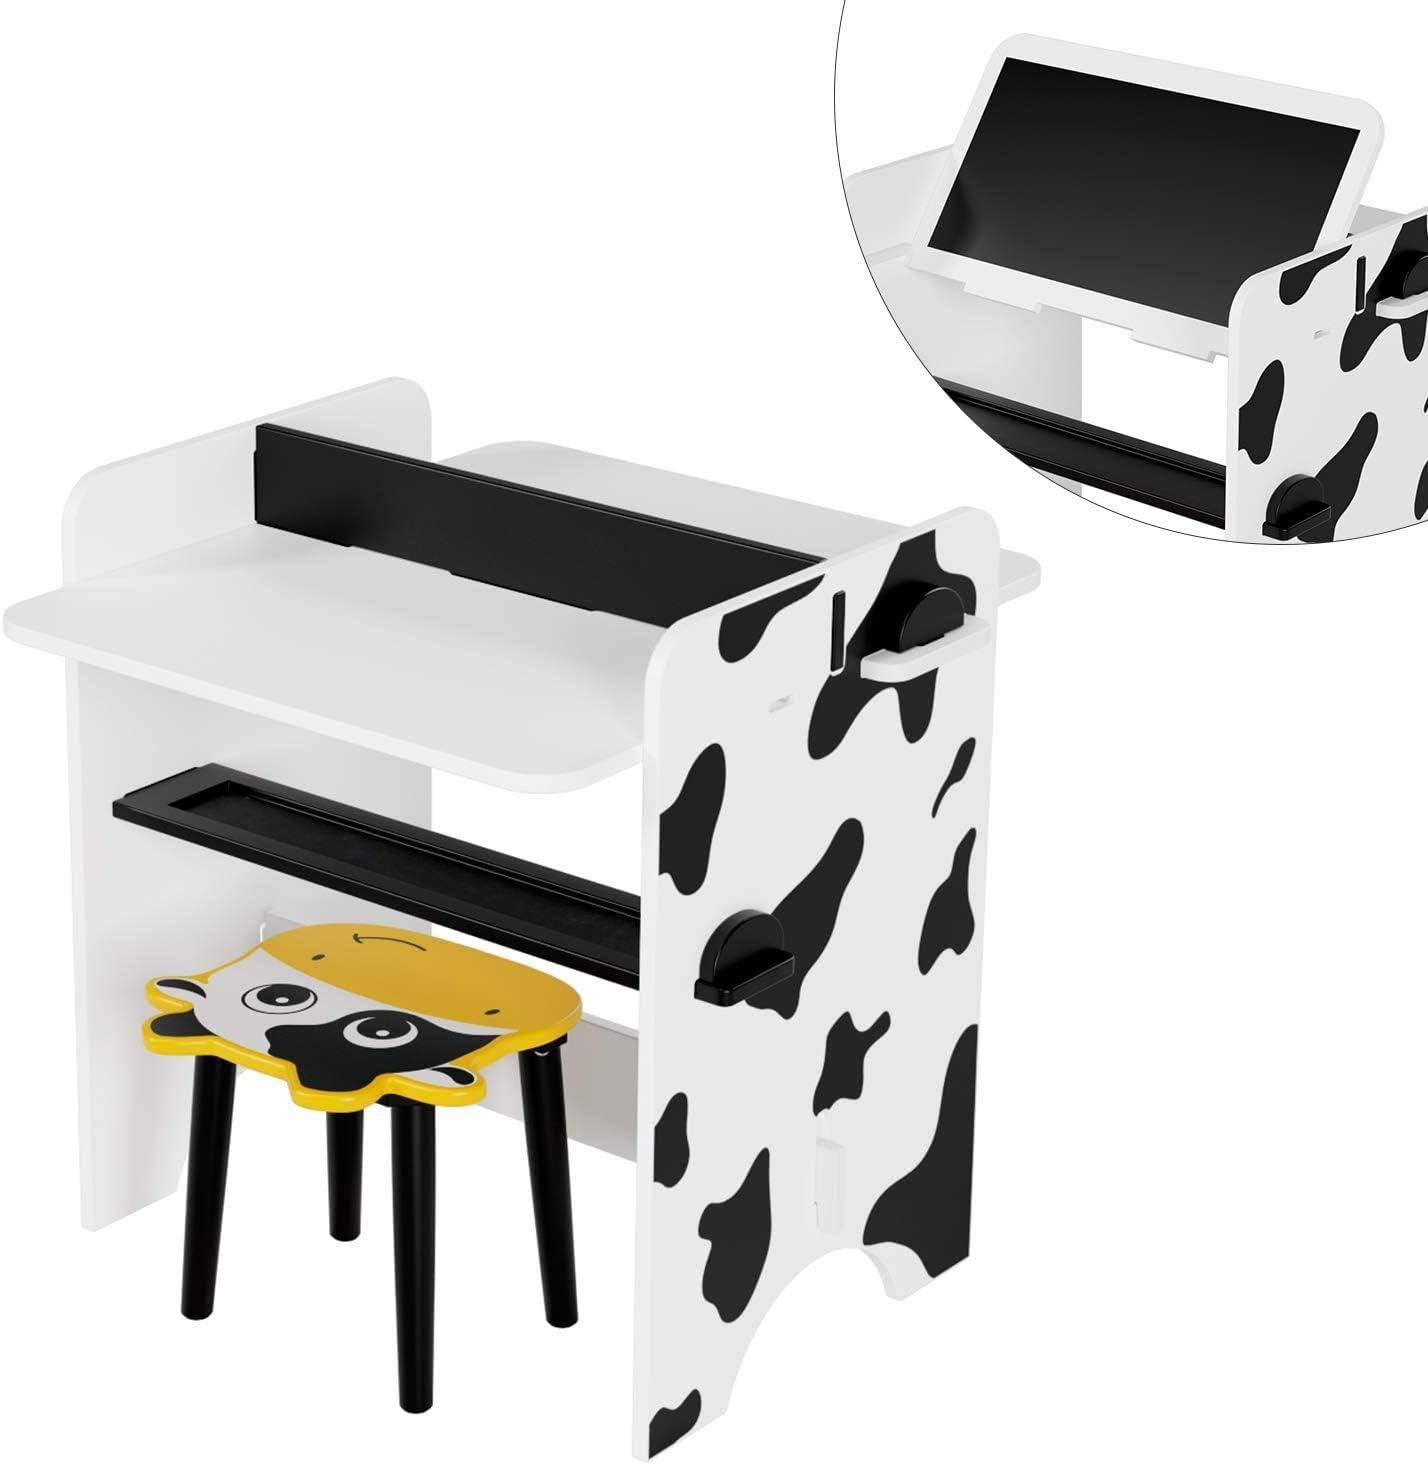 per Stanza del Bambino 60 x 60 x 60 cm HOMECHO Set Tavolino Bambini Scrivania da Pittura Scuola Materna e Studio Set Composto da Tavolo per Bambini con 1 Sedie